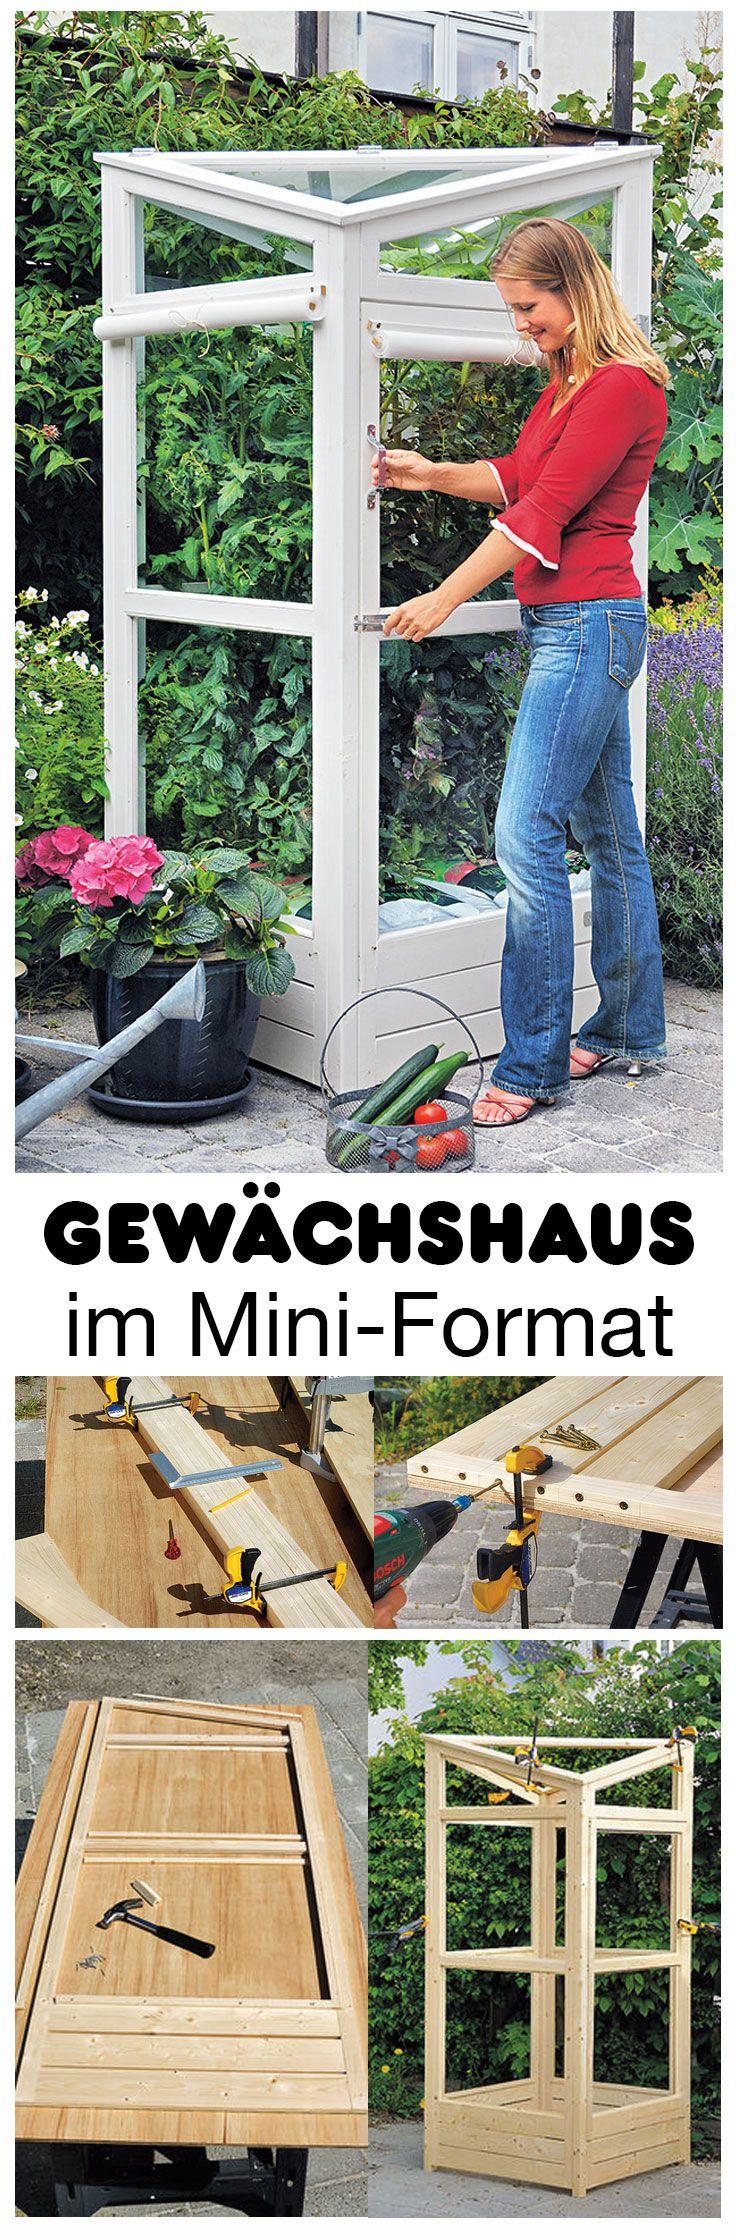 Wer im Garten nicht mehr viel Platz hat, muss trotzdem nicht auf ein Gewächshaus verzichten. Wir haben ein Modell im Mini-Format selbst gebaut und zeigen dir, wie es geht. Umfallen kann es nicht, denn es ist mit Winkeln am Boden festgeschraubt!